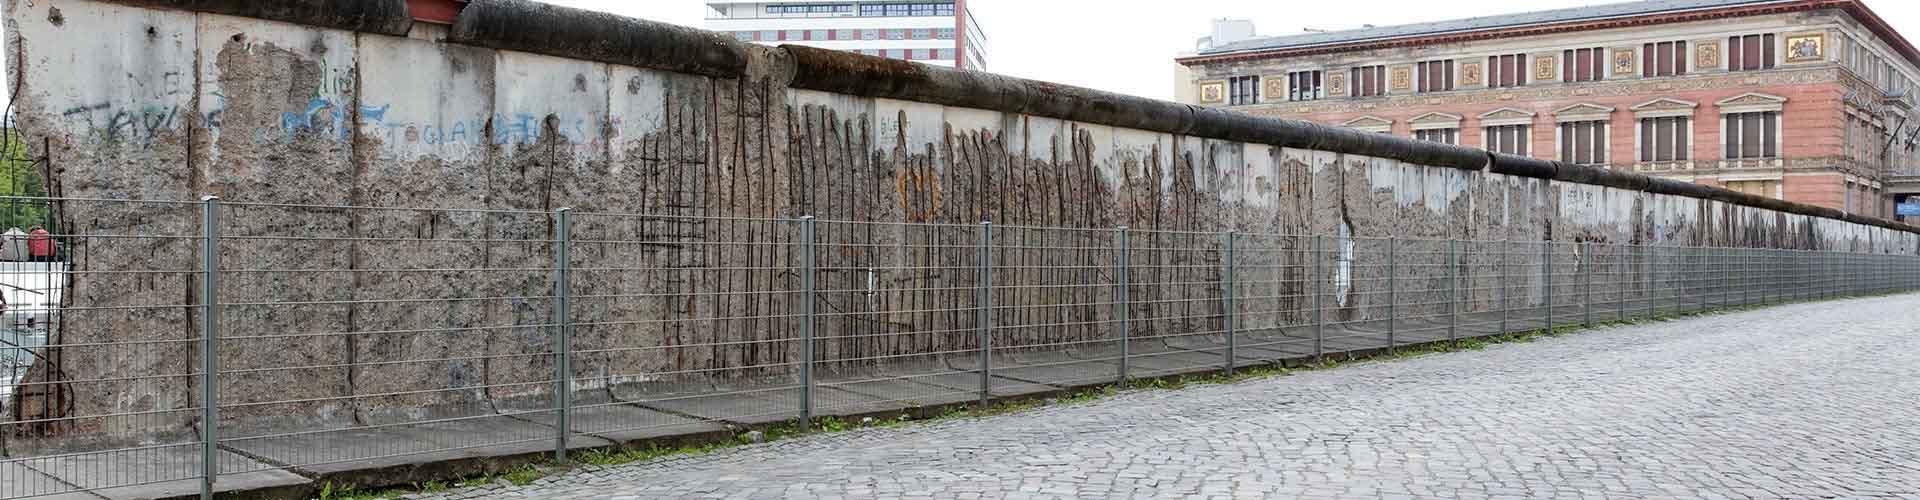 Berlim – Albergues próximos a Muro de Berlim. Mapas para Berlim, Fotos e Avaliações para cada Albergue em Berlim.